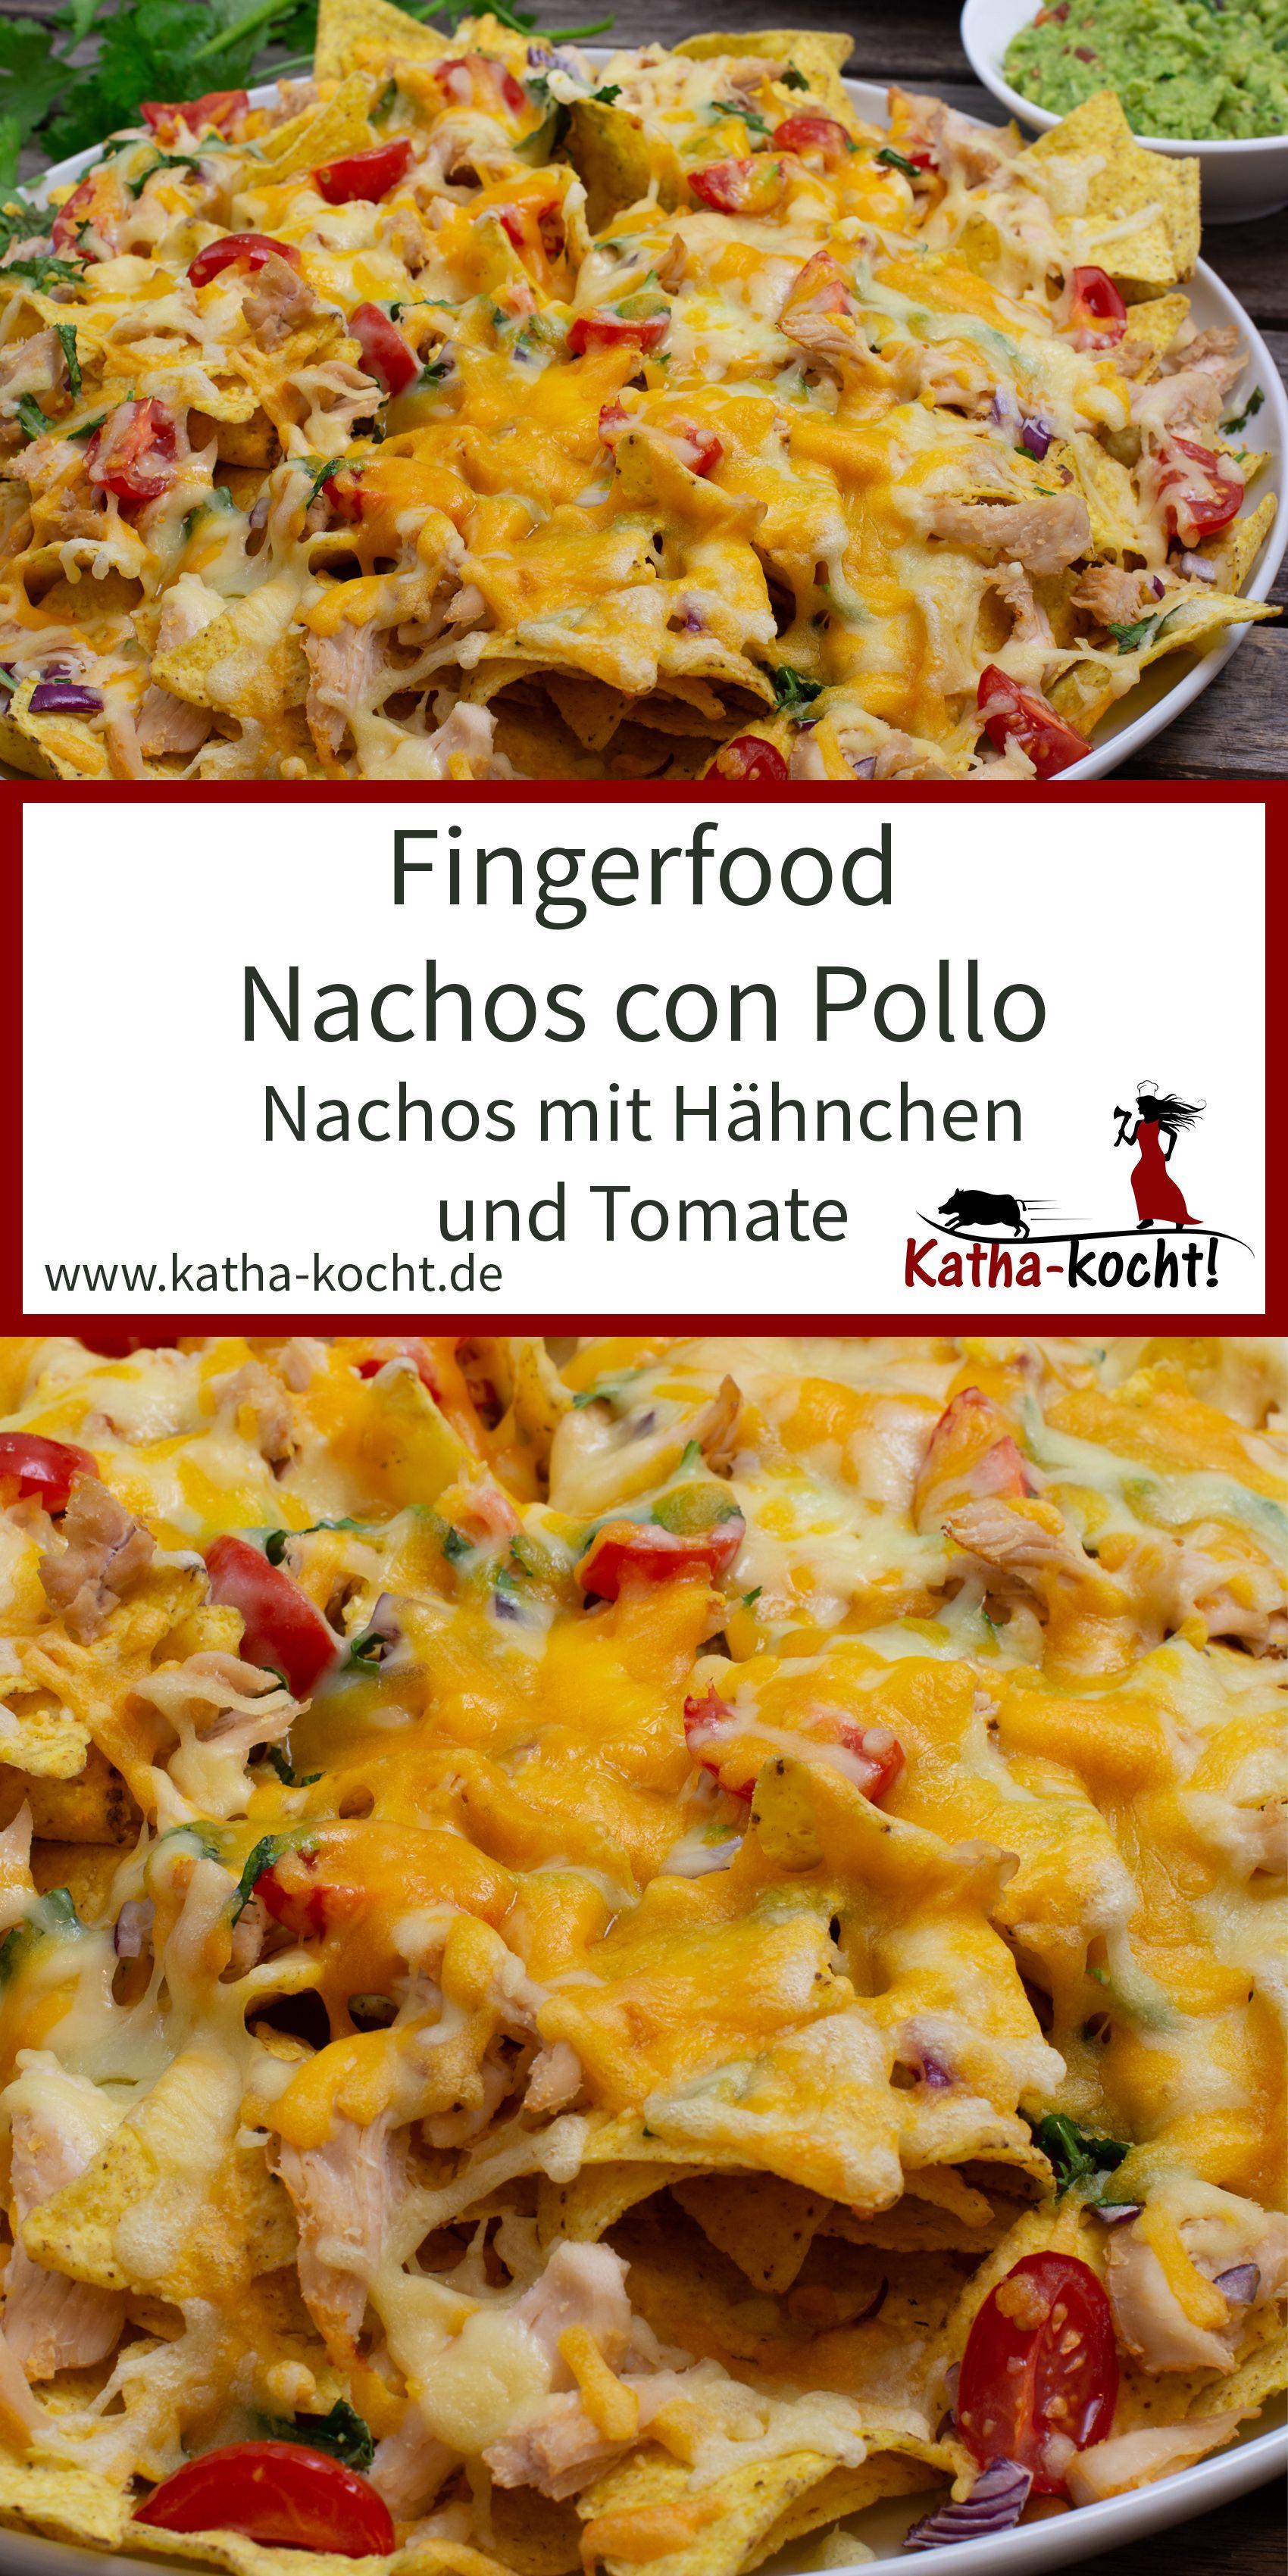 Nachos mit Hähnchen und Tomate #mexicanchickentacos